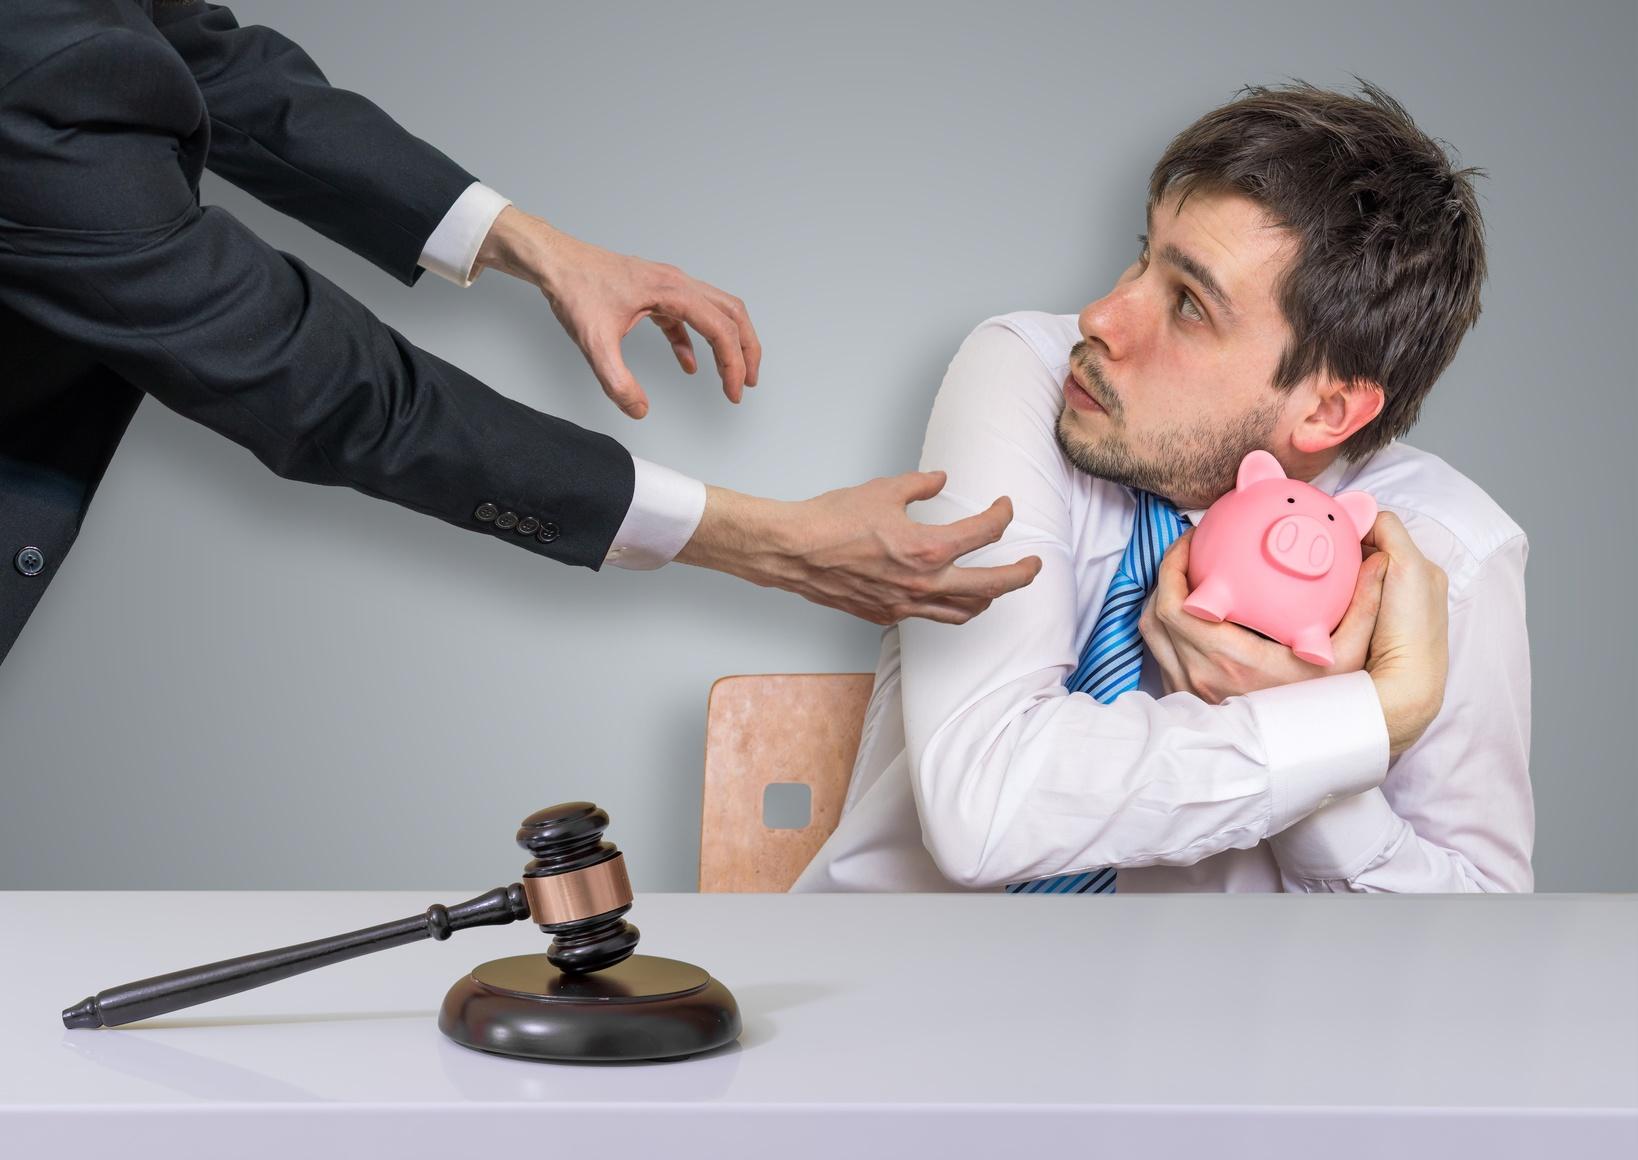 Jak odzyskać dług przed pójściem do sądu? Czy warto aby prawnik pisał wezwanie?